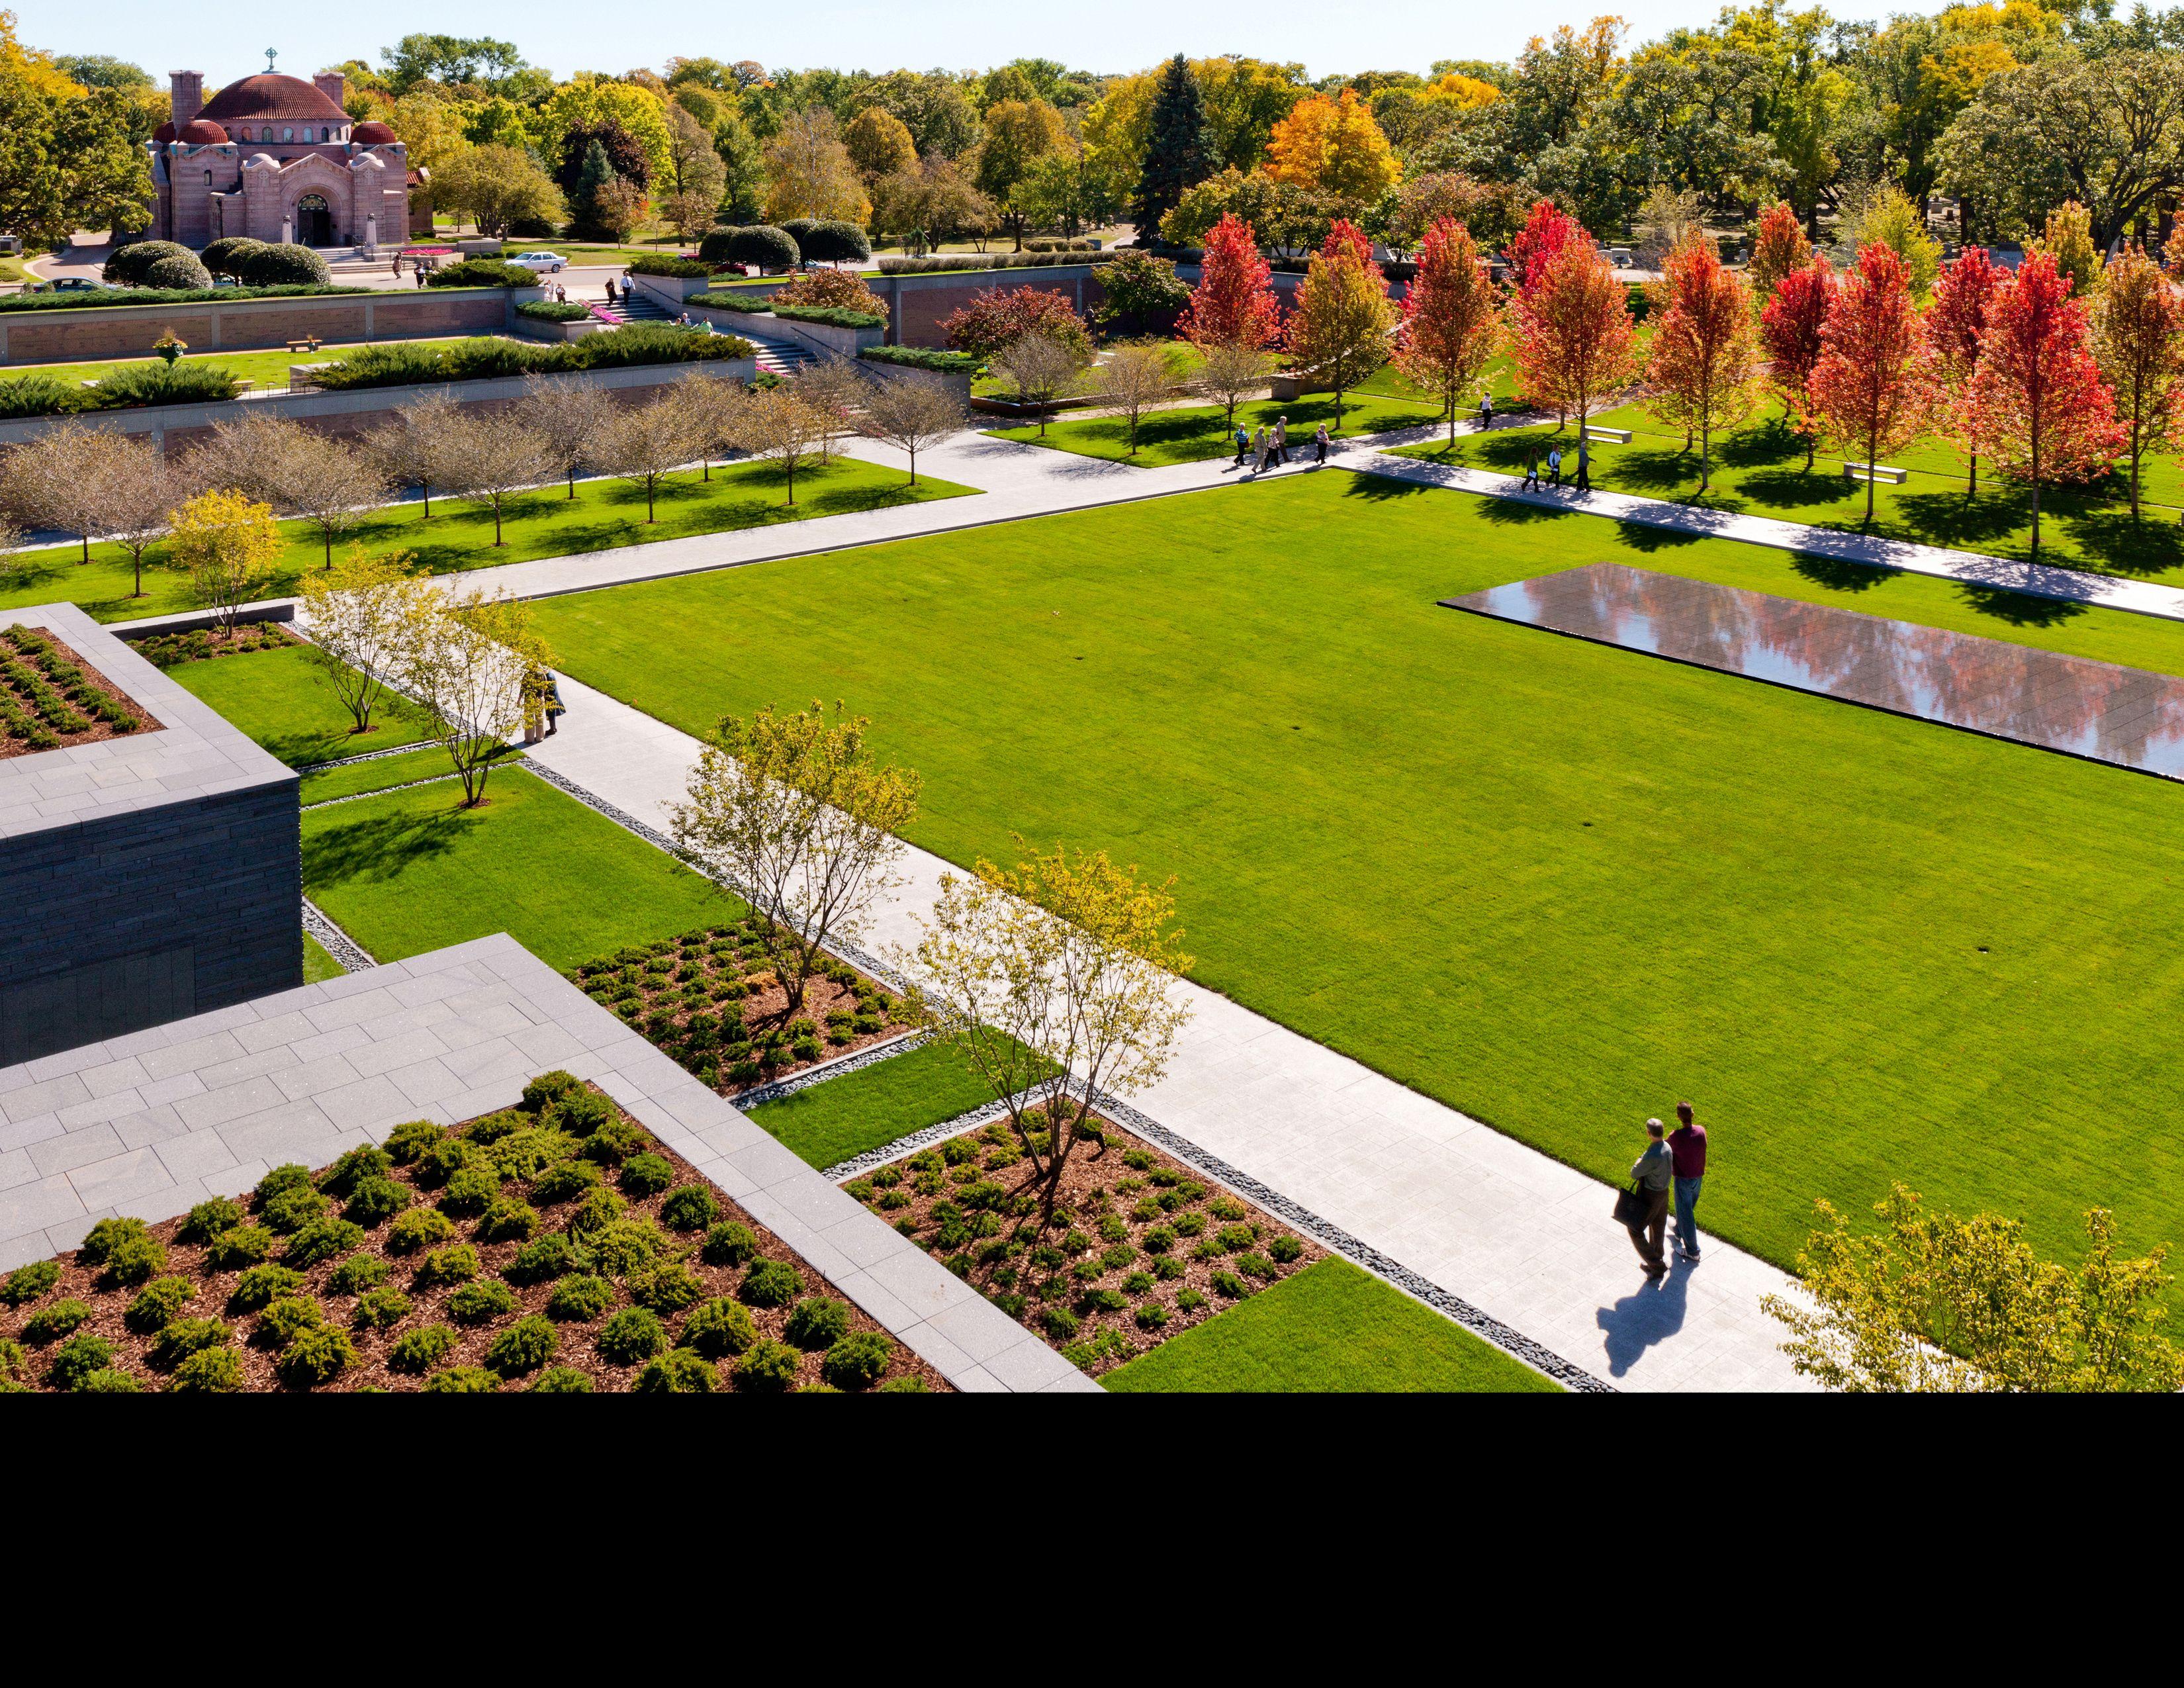 Http Www Asla Org 2013awards Images Largescale 227 03 Jpg Landscape Architecture Design Modern Garden Landscaping Succulent Garden Landscape